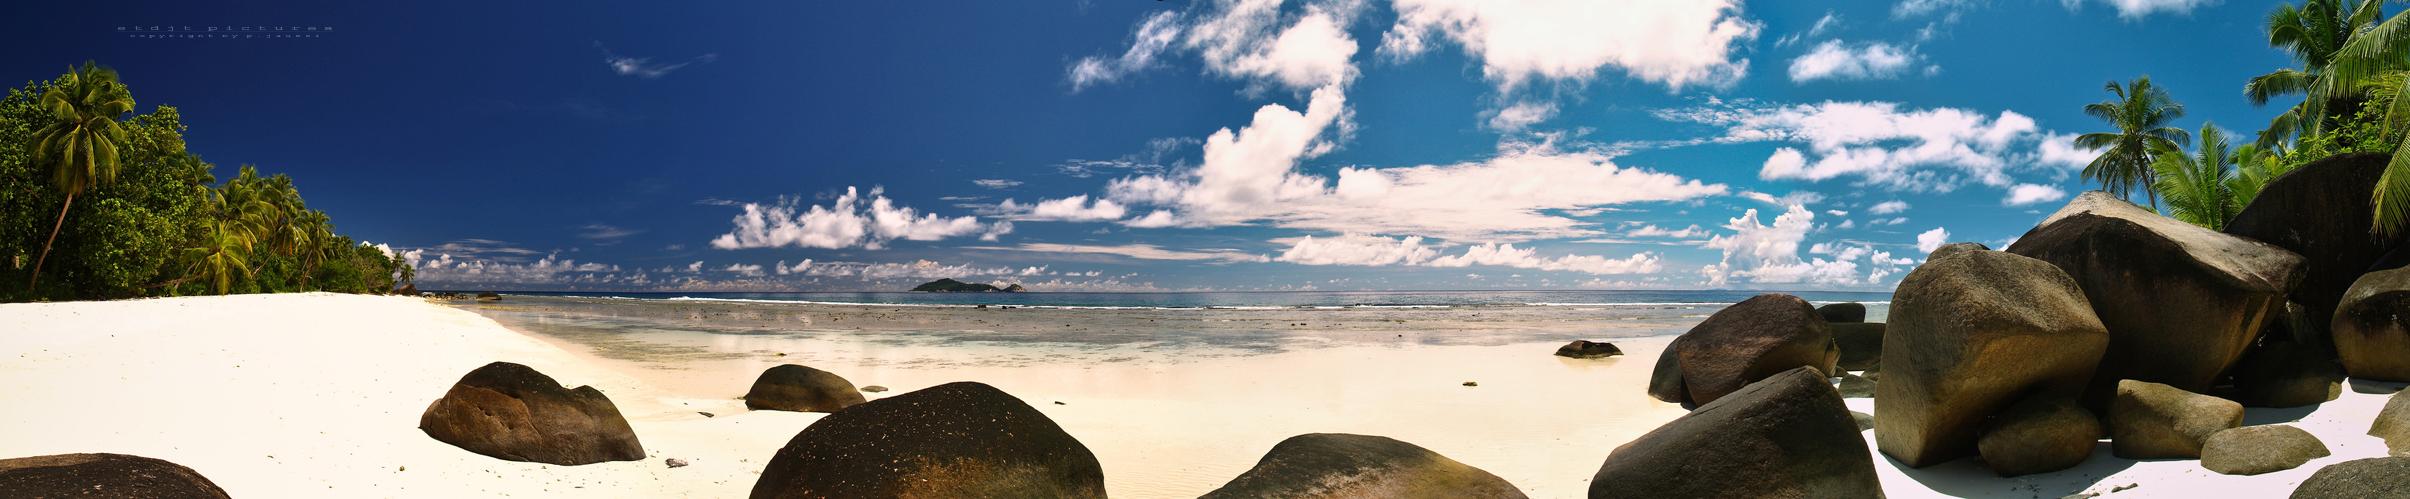 Baie Cipailles - Silhouette Island - Seychelles 2010